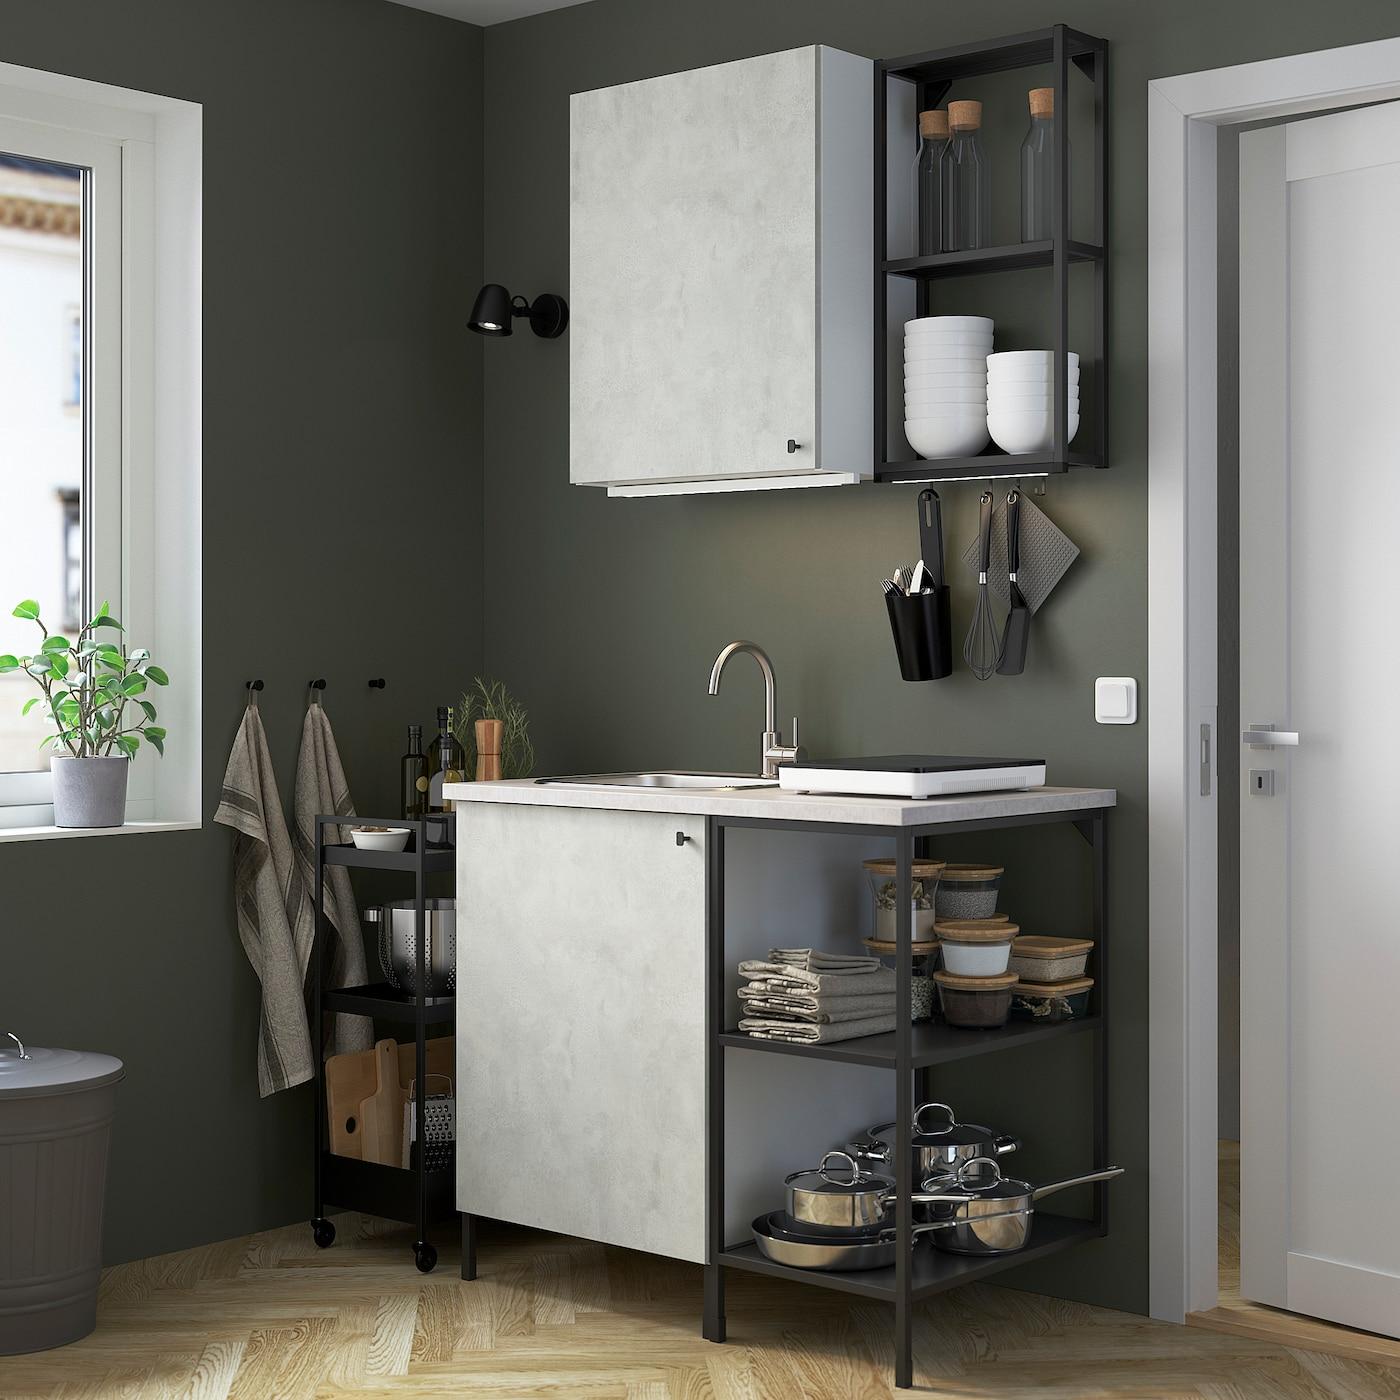 ENHET Kitchen, anthracite/concrete effect, 103x63.5x222 cm